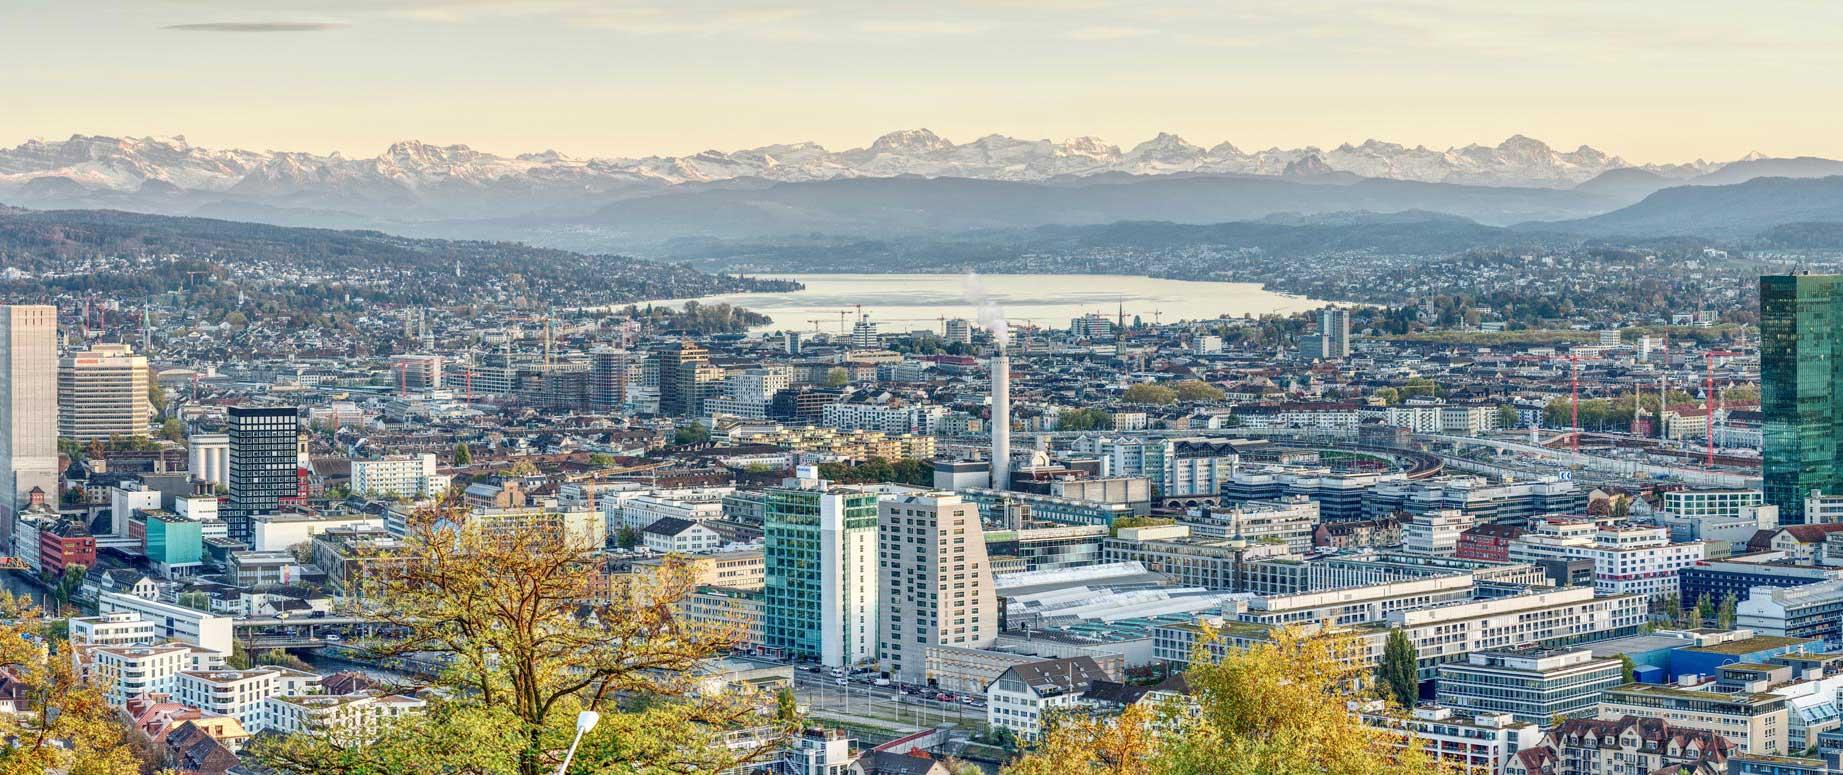 Luftansicht Zürich